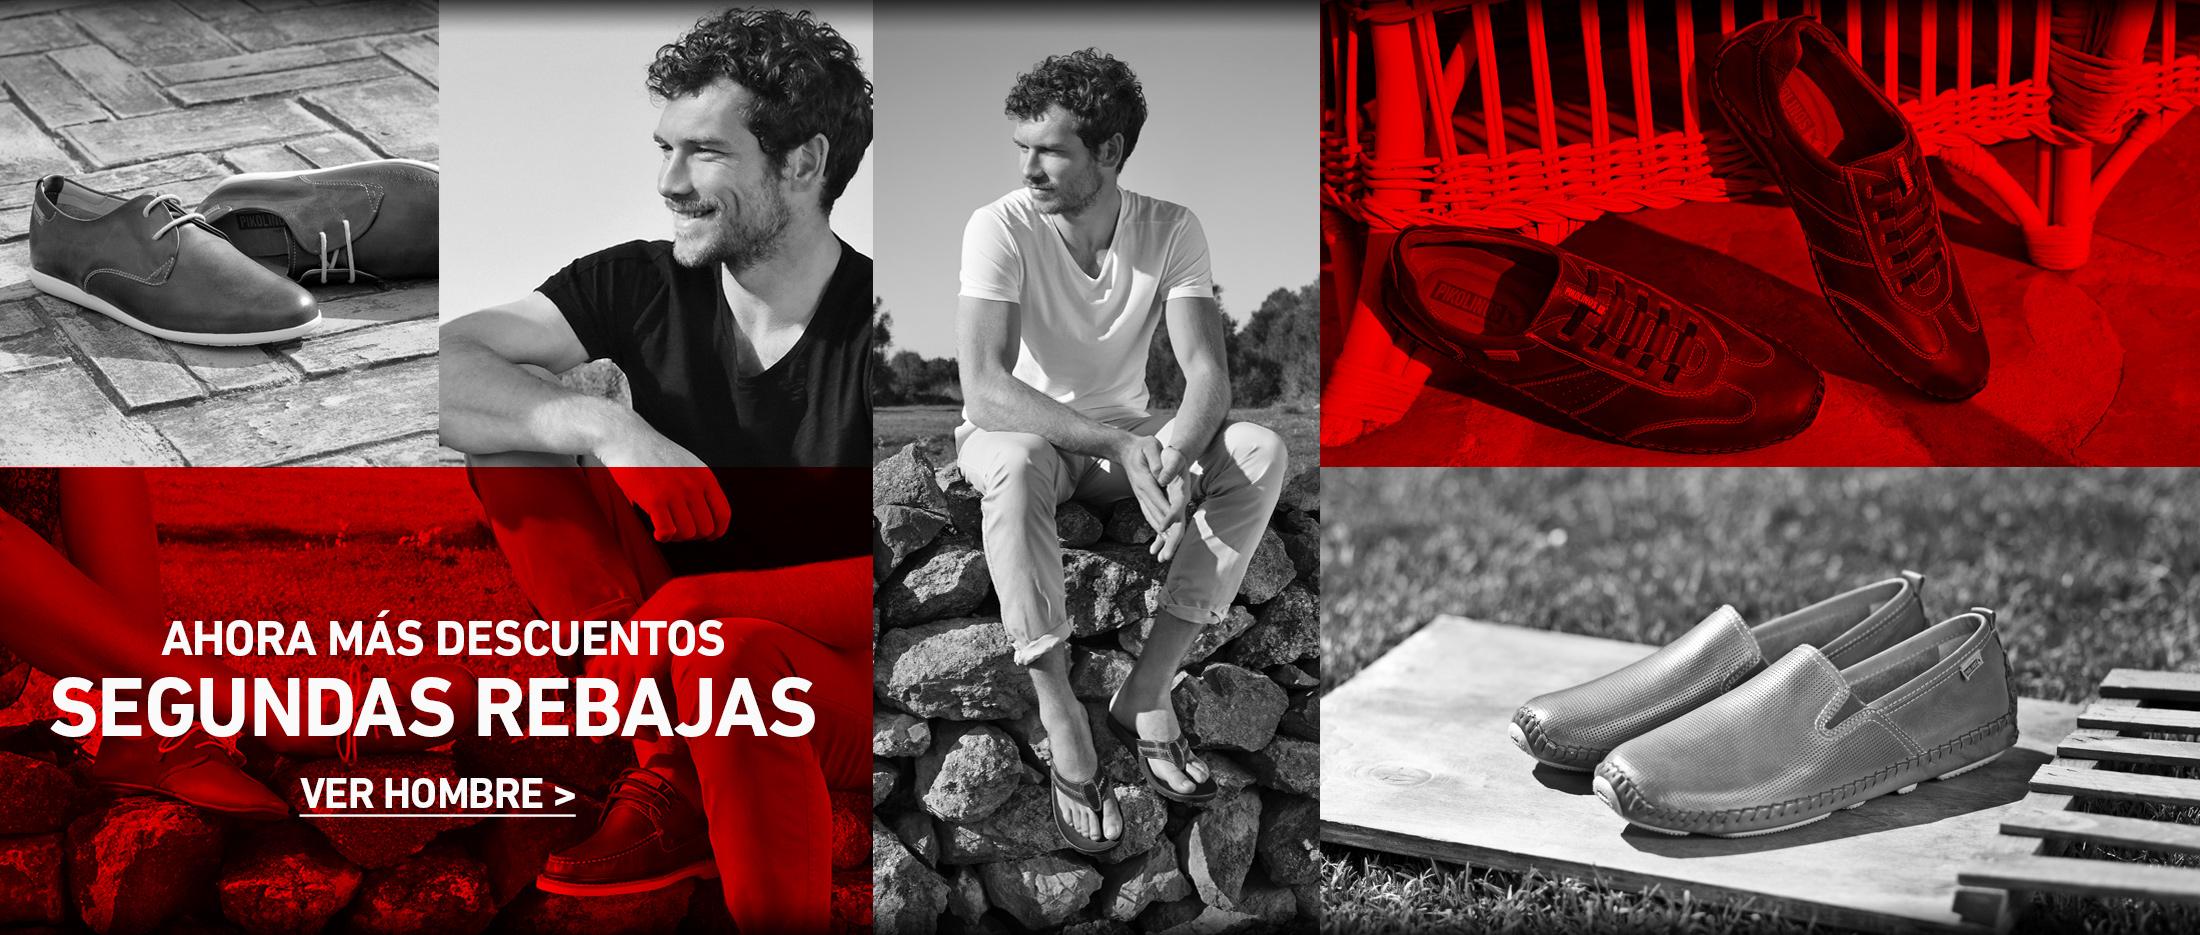 Tienda online oficial Pikolinos: zapatos y botas para hombre y mujer